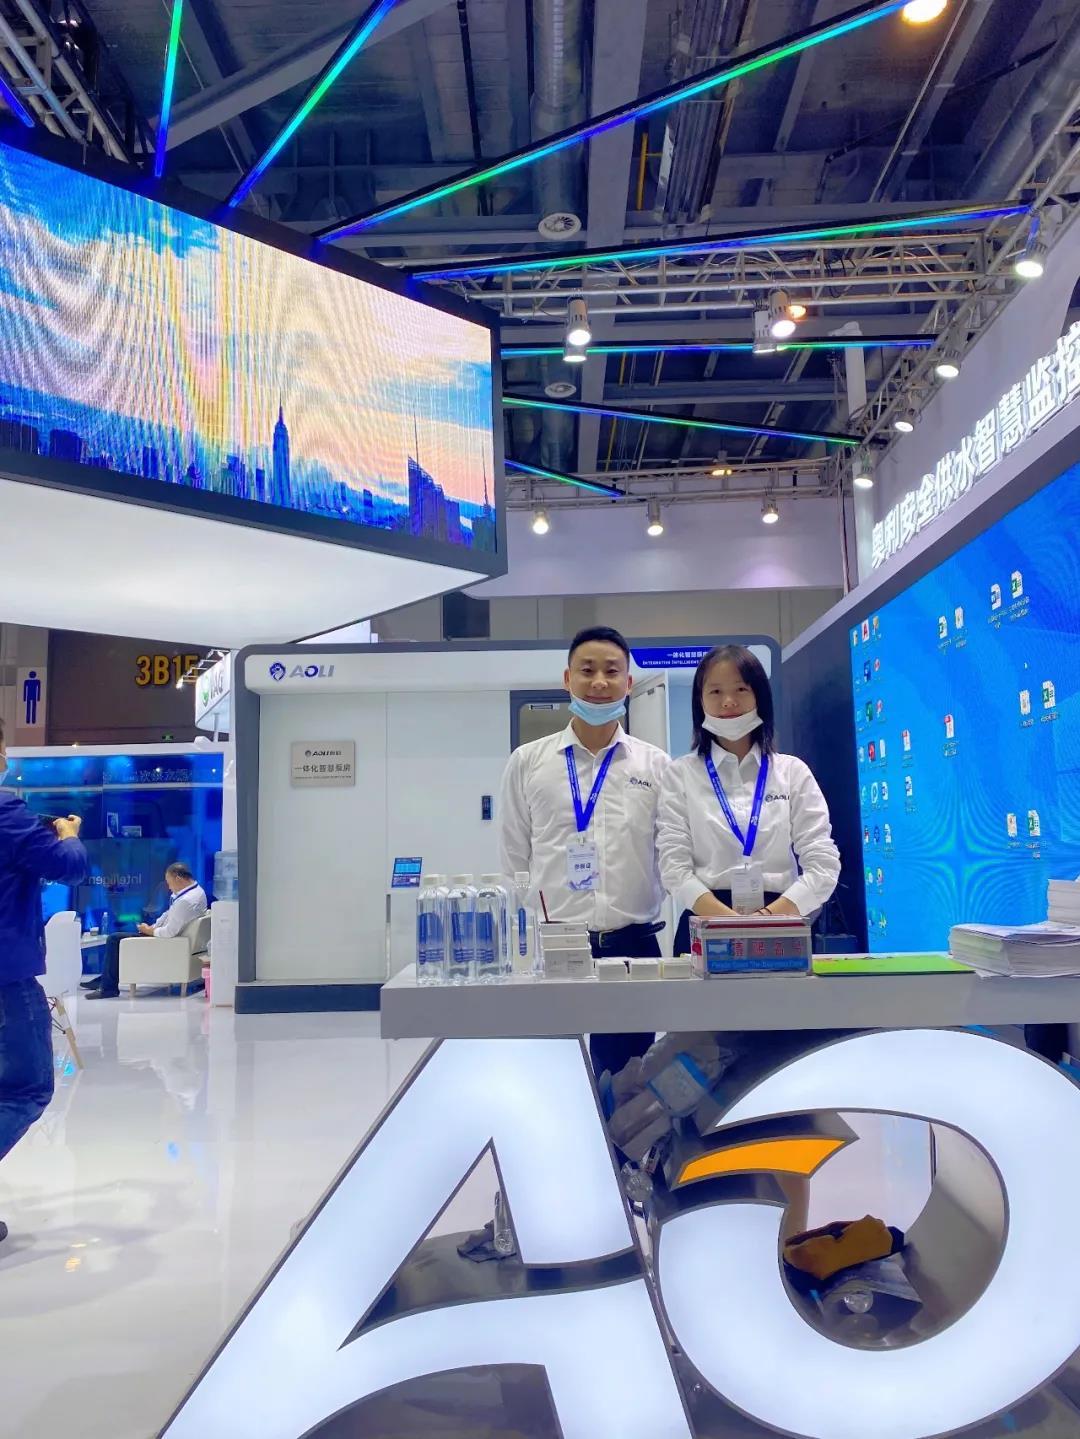 【杭州·水大会】--直击奥利数字化水务生态圈精彩现场(图13)